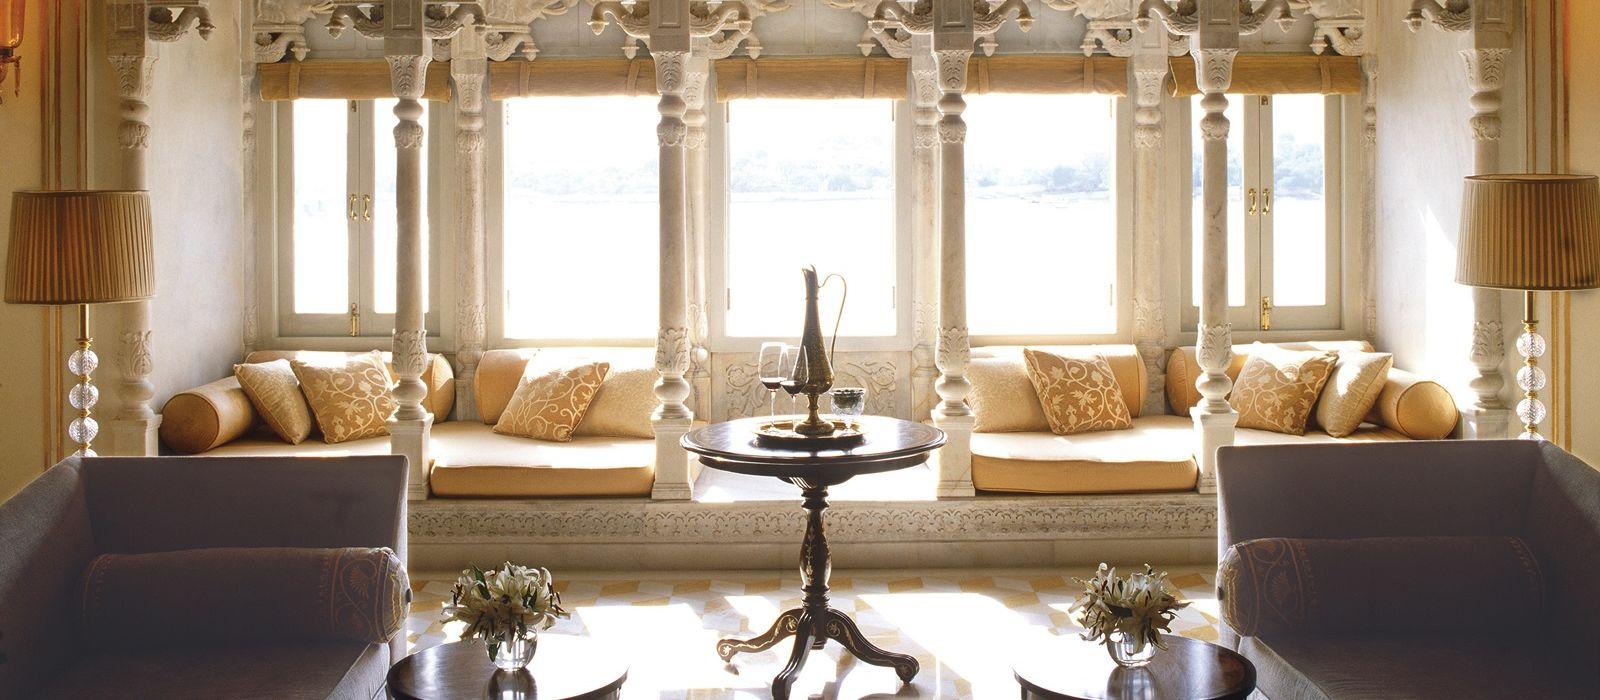 Nordindiens schönste Palasthotels – Luxuriöse Zeitreise Urlaub 5